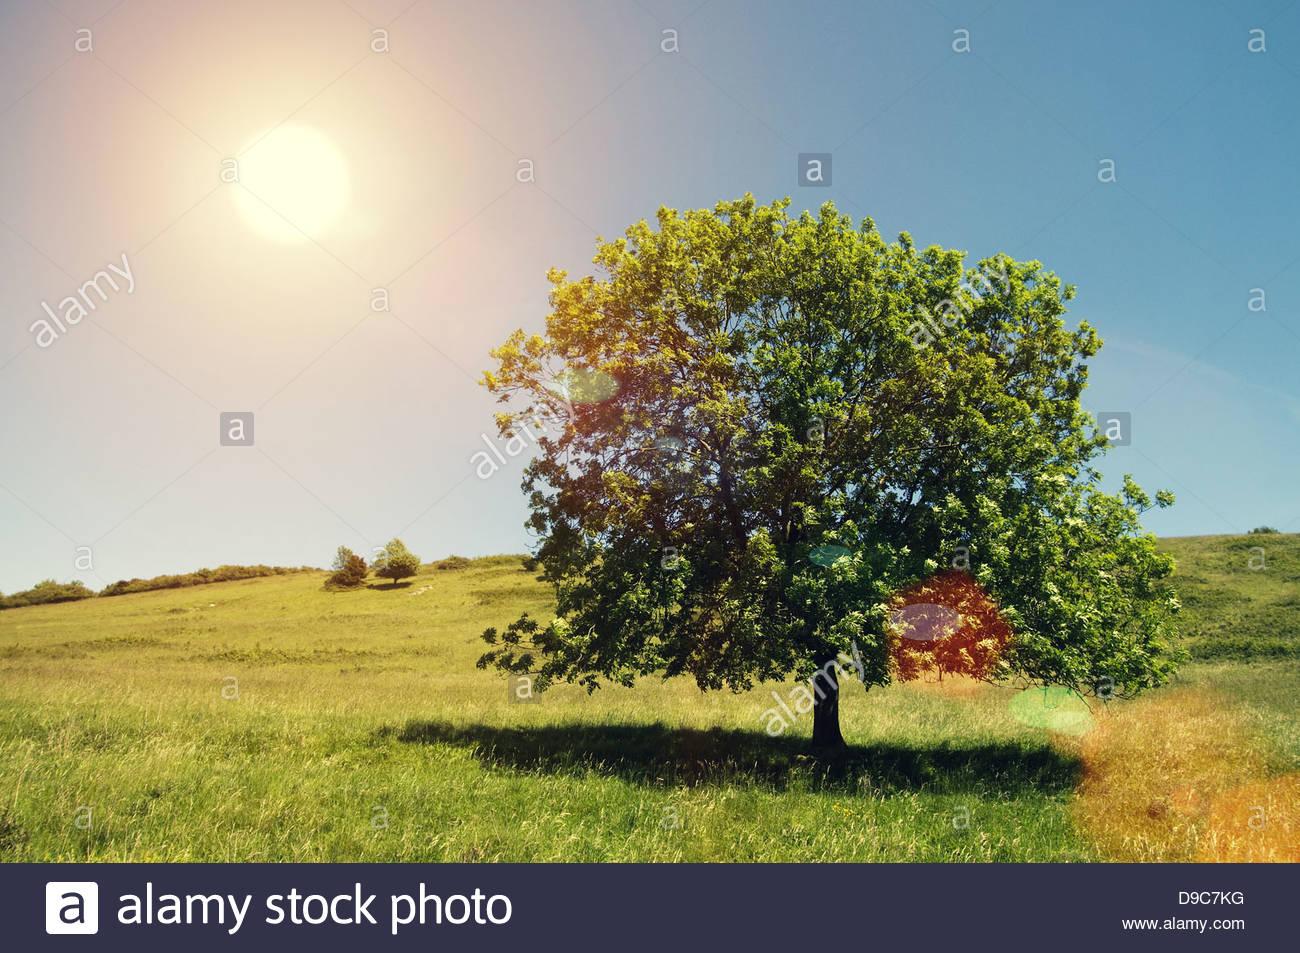 albero di chiarore del sole Immagini Stock